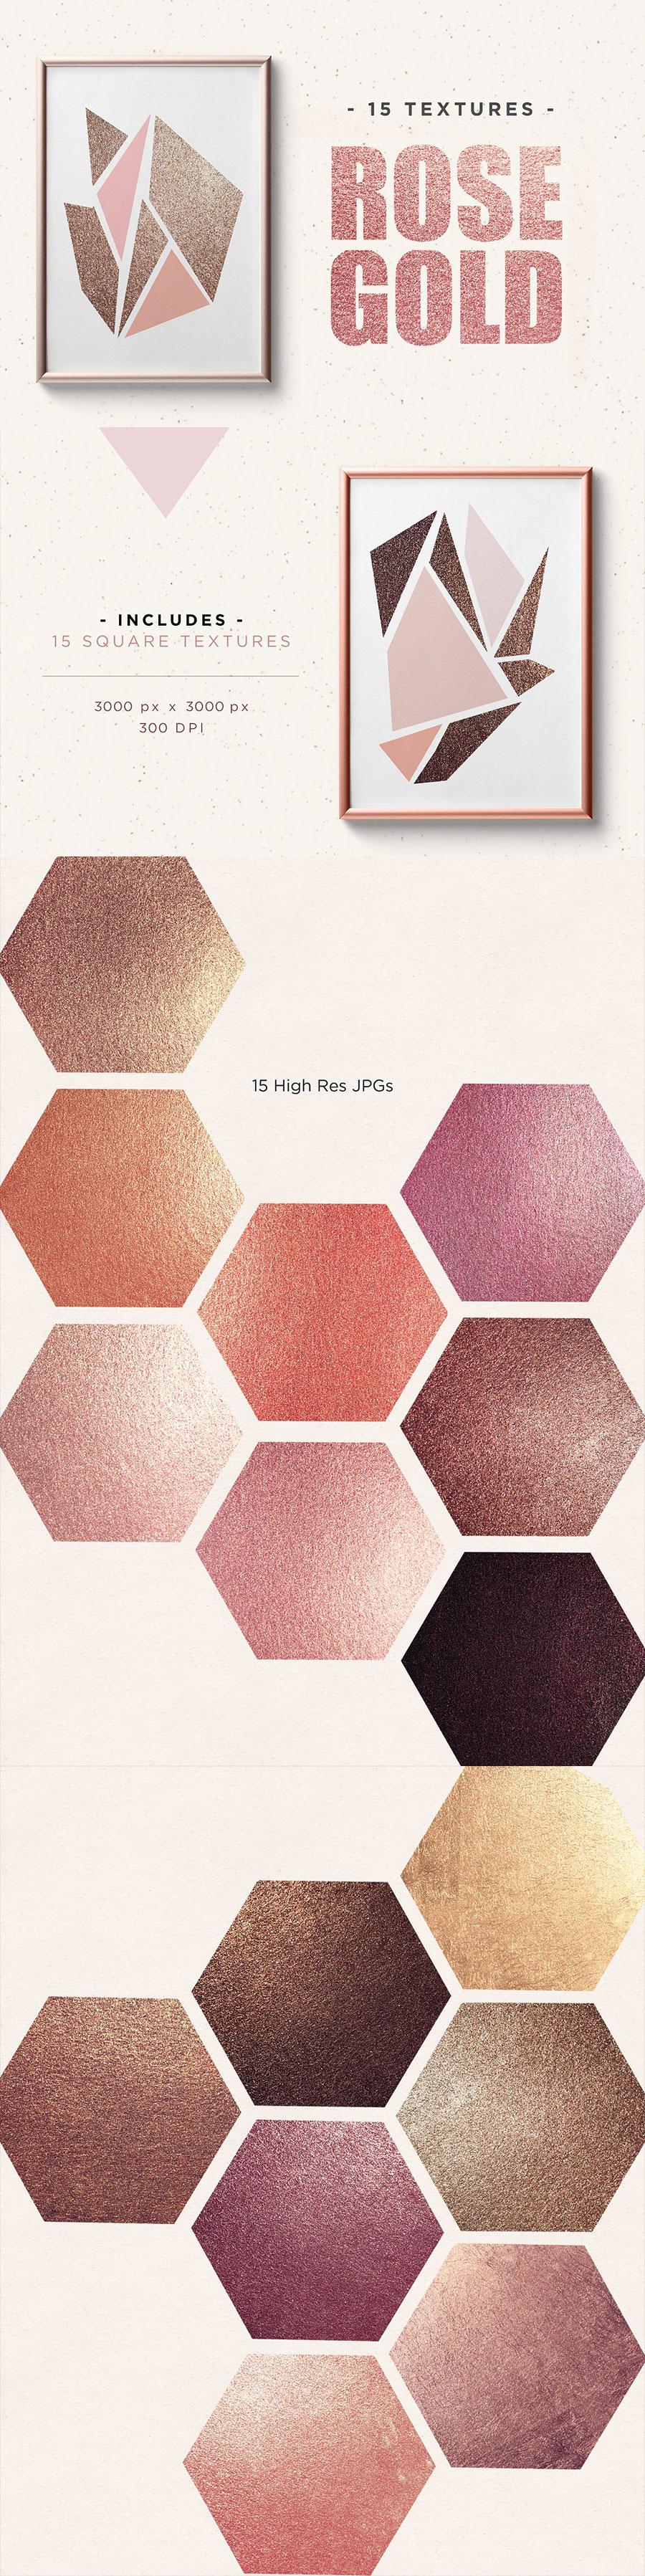 各种个样的玫瑰金质感背景纹理素材下载[jpg]设计素材模板